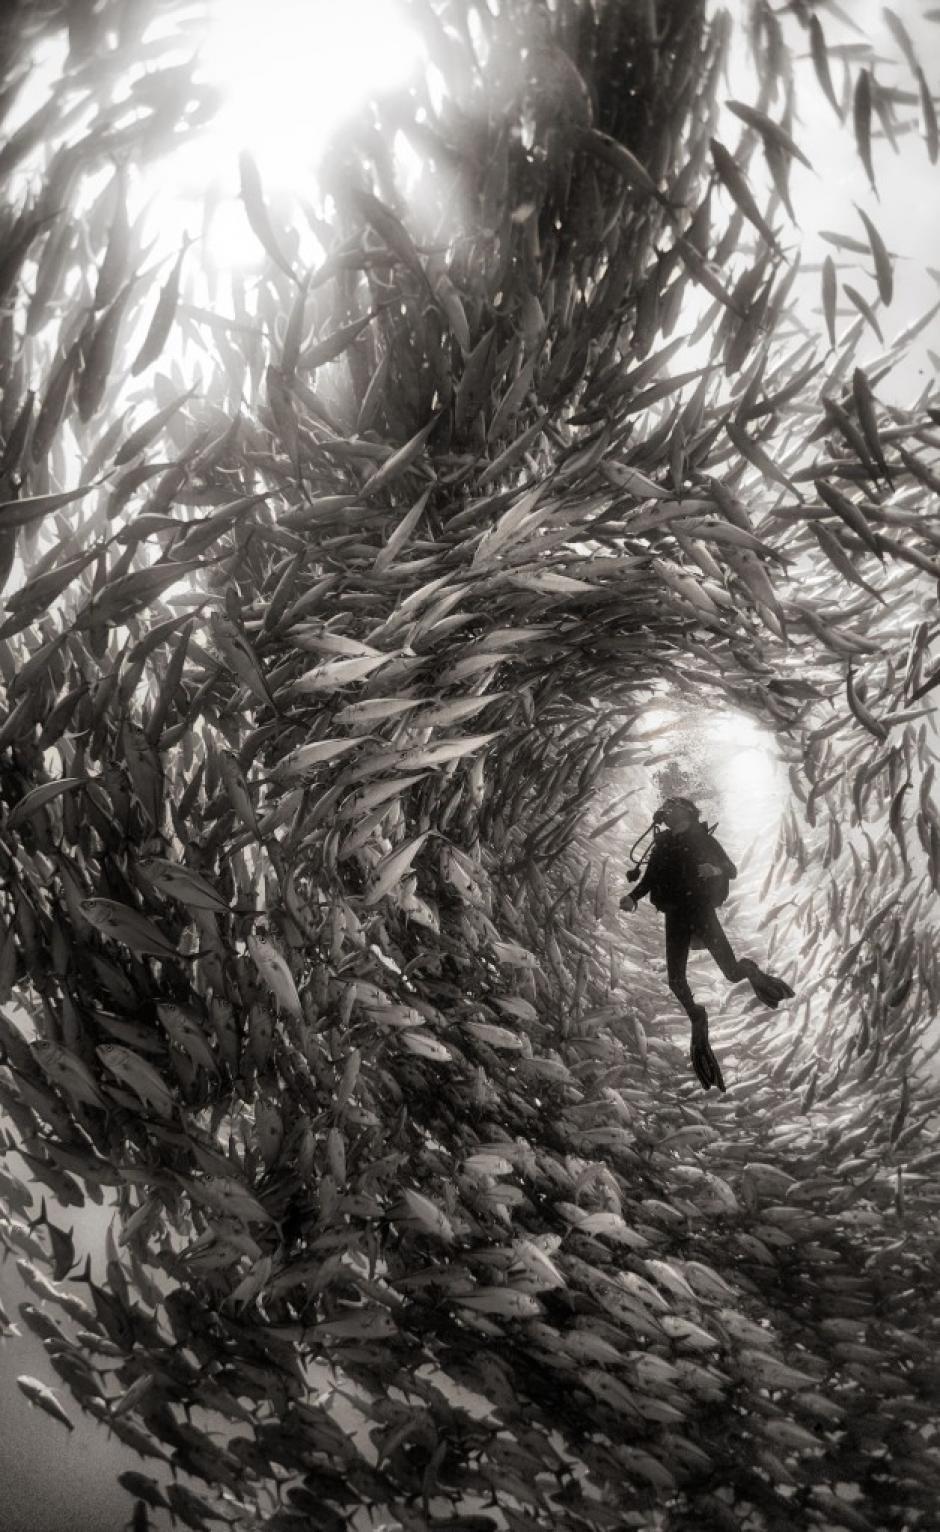 Un buzo es rodeado por un cardumen de peces en el Parque Nacional de Cabo Pulmo en México. (Foto: Anuar Patjane/National Geographic)